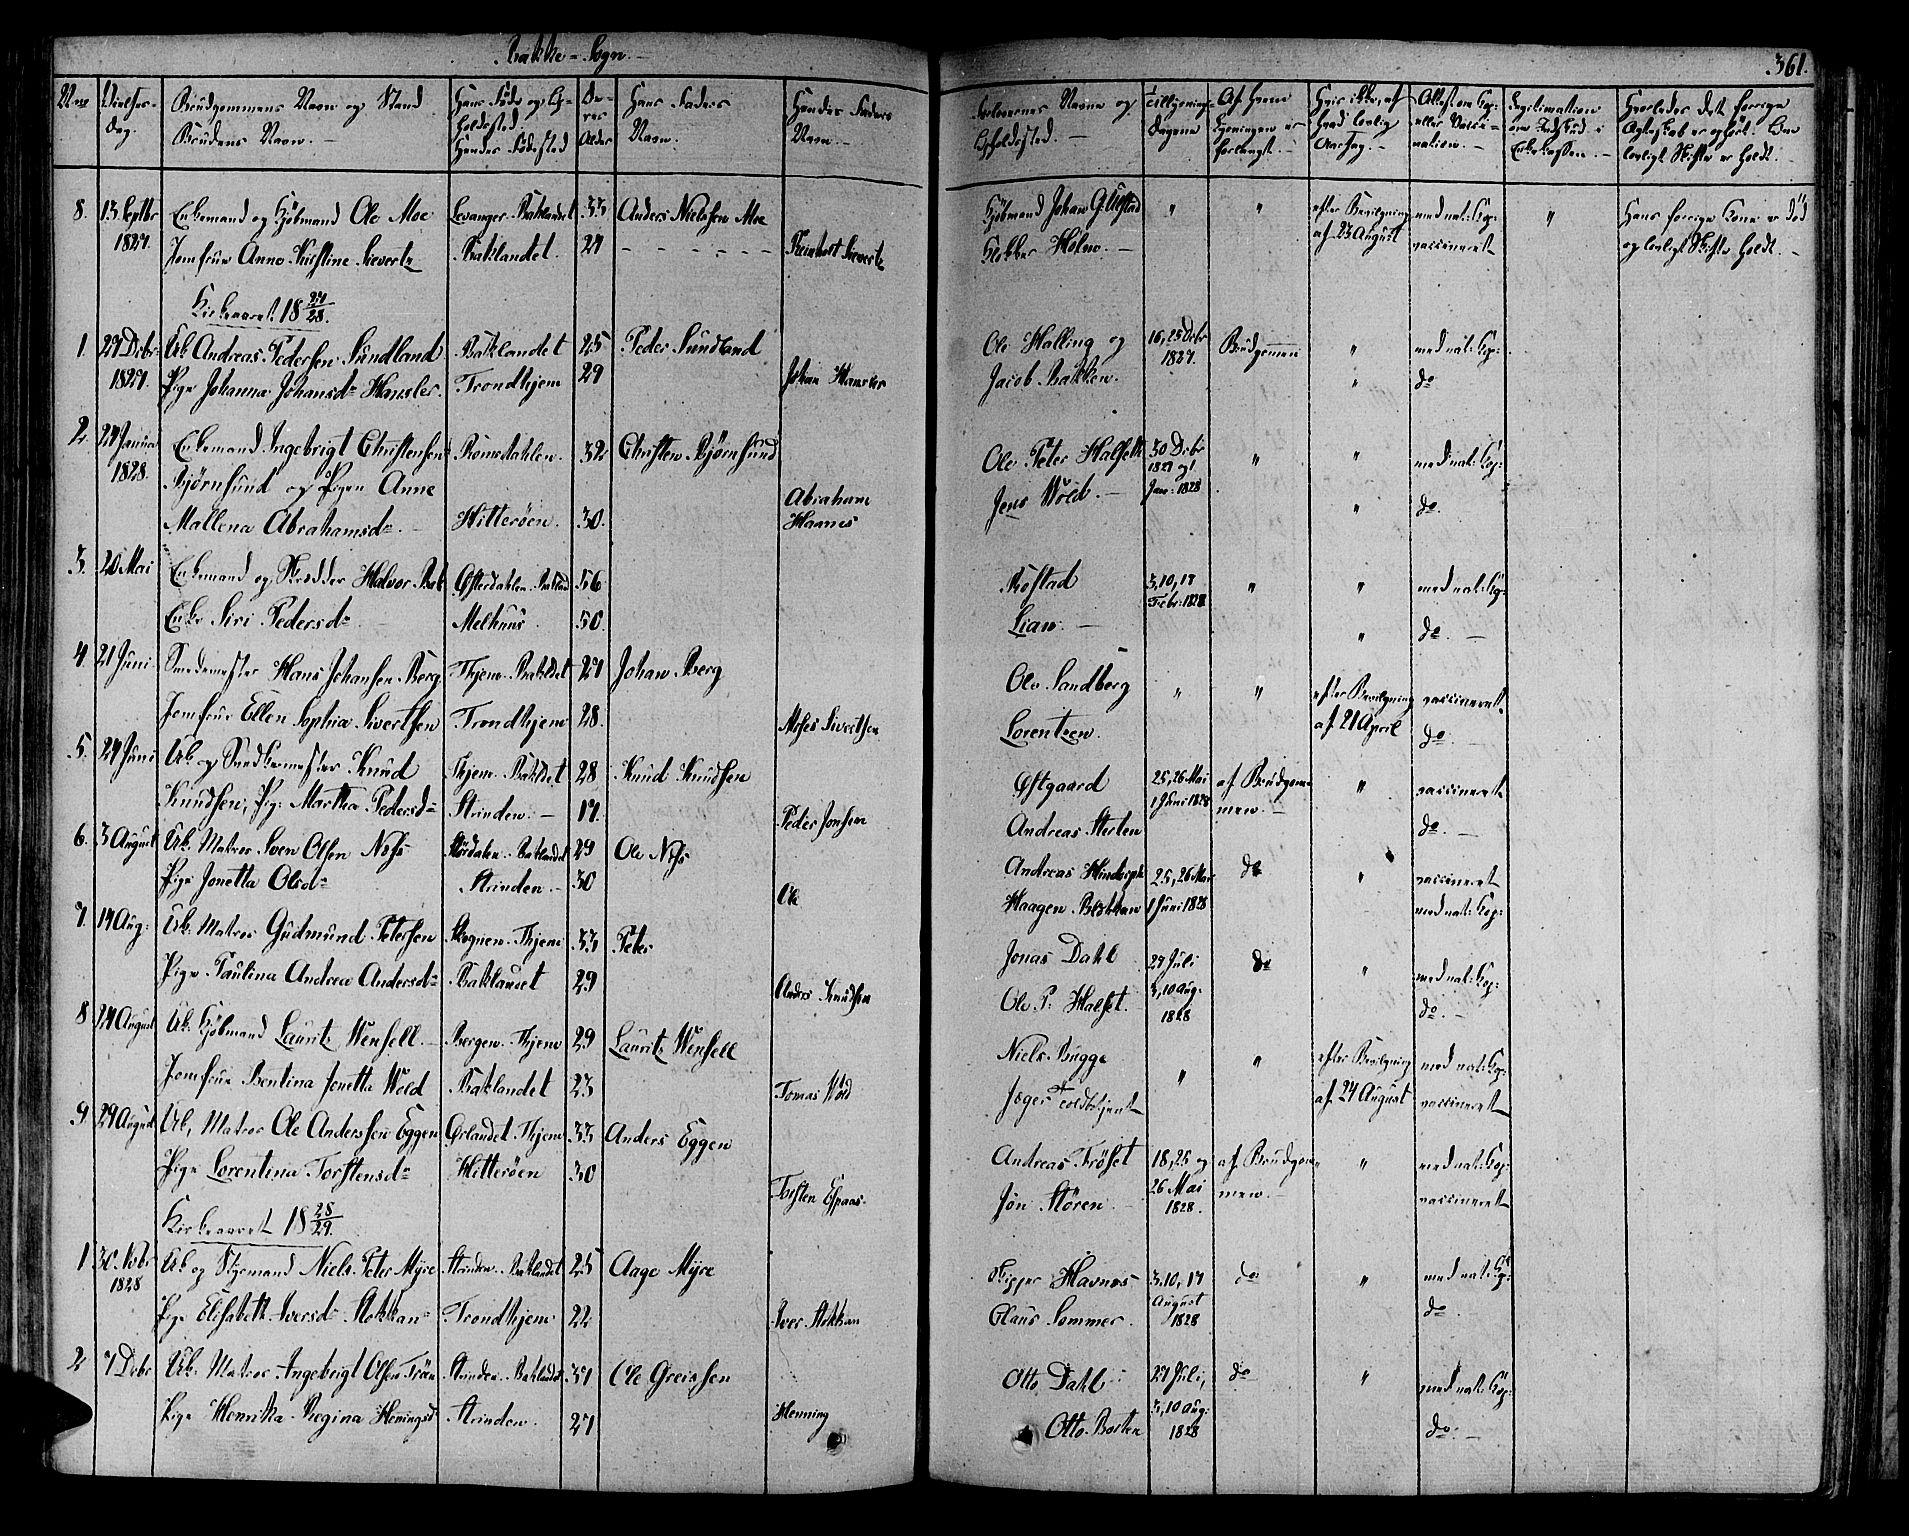 SAT, Ministerialprotokoller, klokkerbøker og fødselsregistre - Sør-Trøndelag, 606/L0287: Ministerialbok nr. 606A04 /2, 1826-1840, s. 361